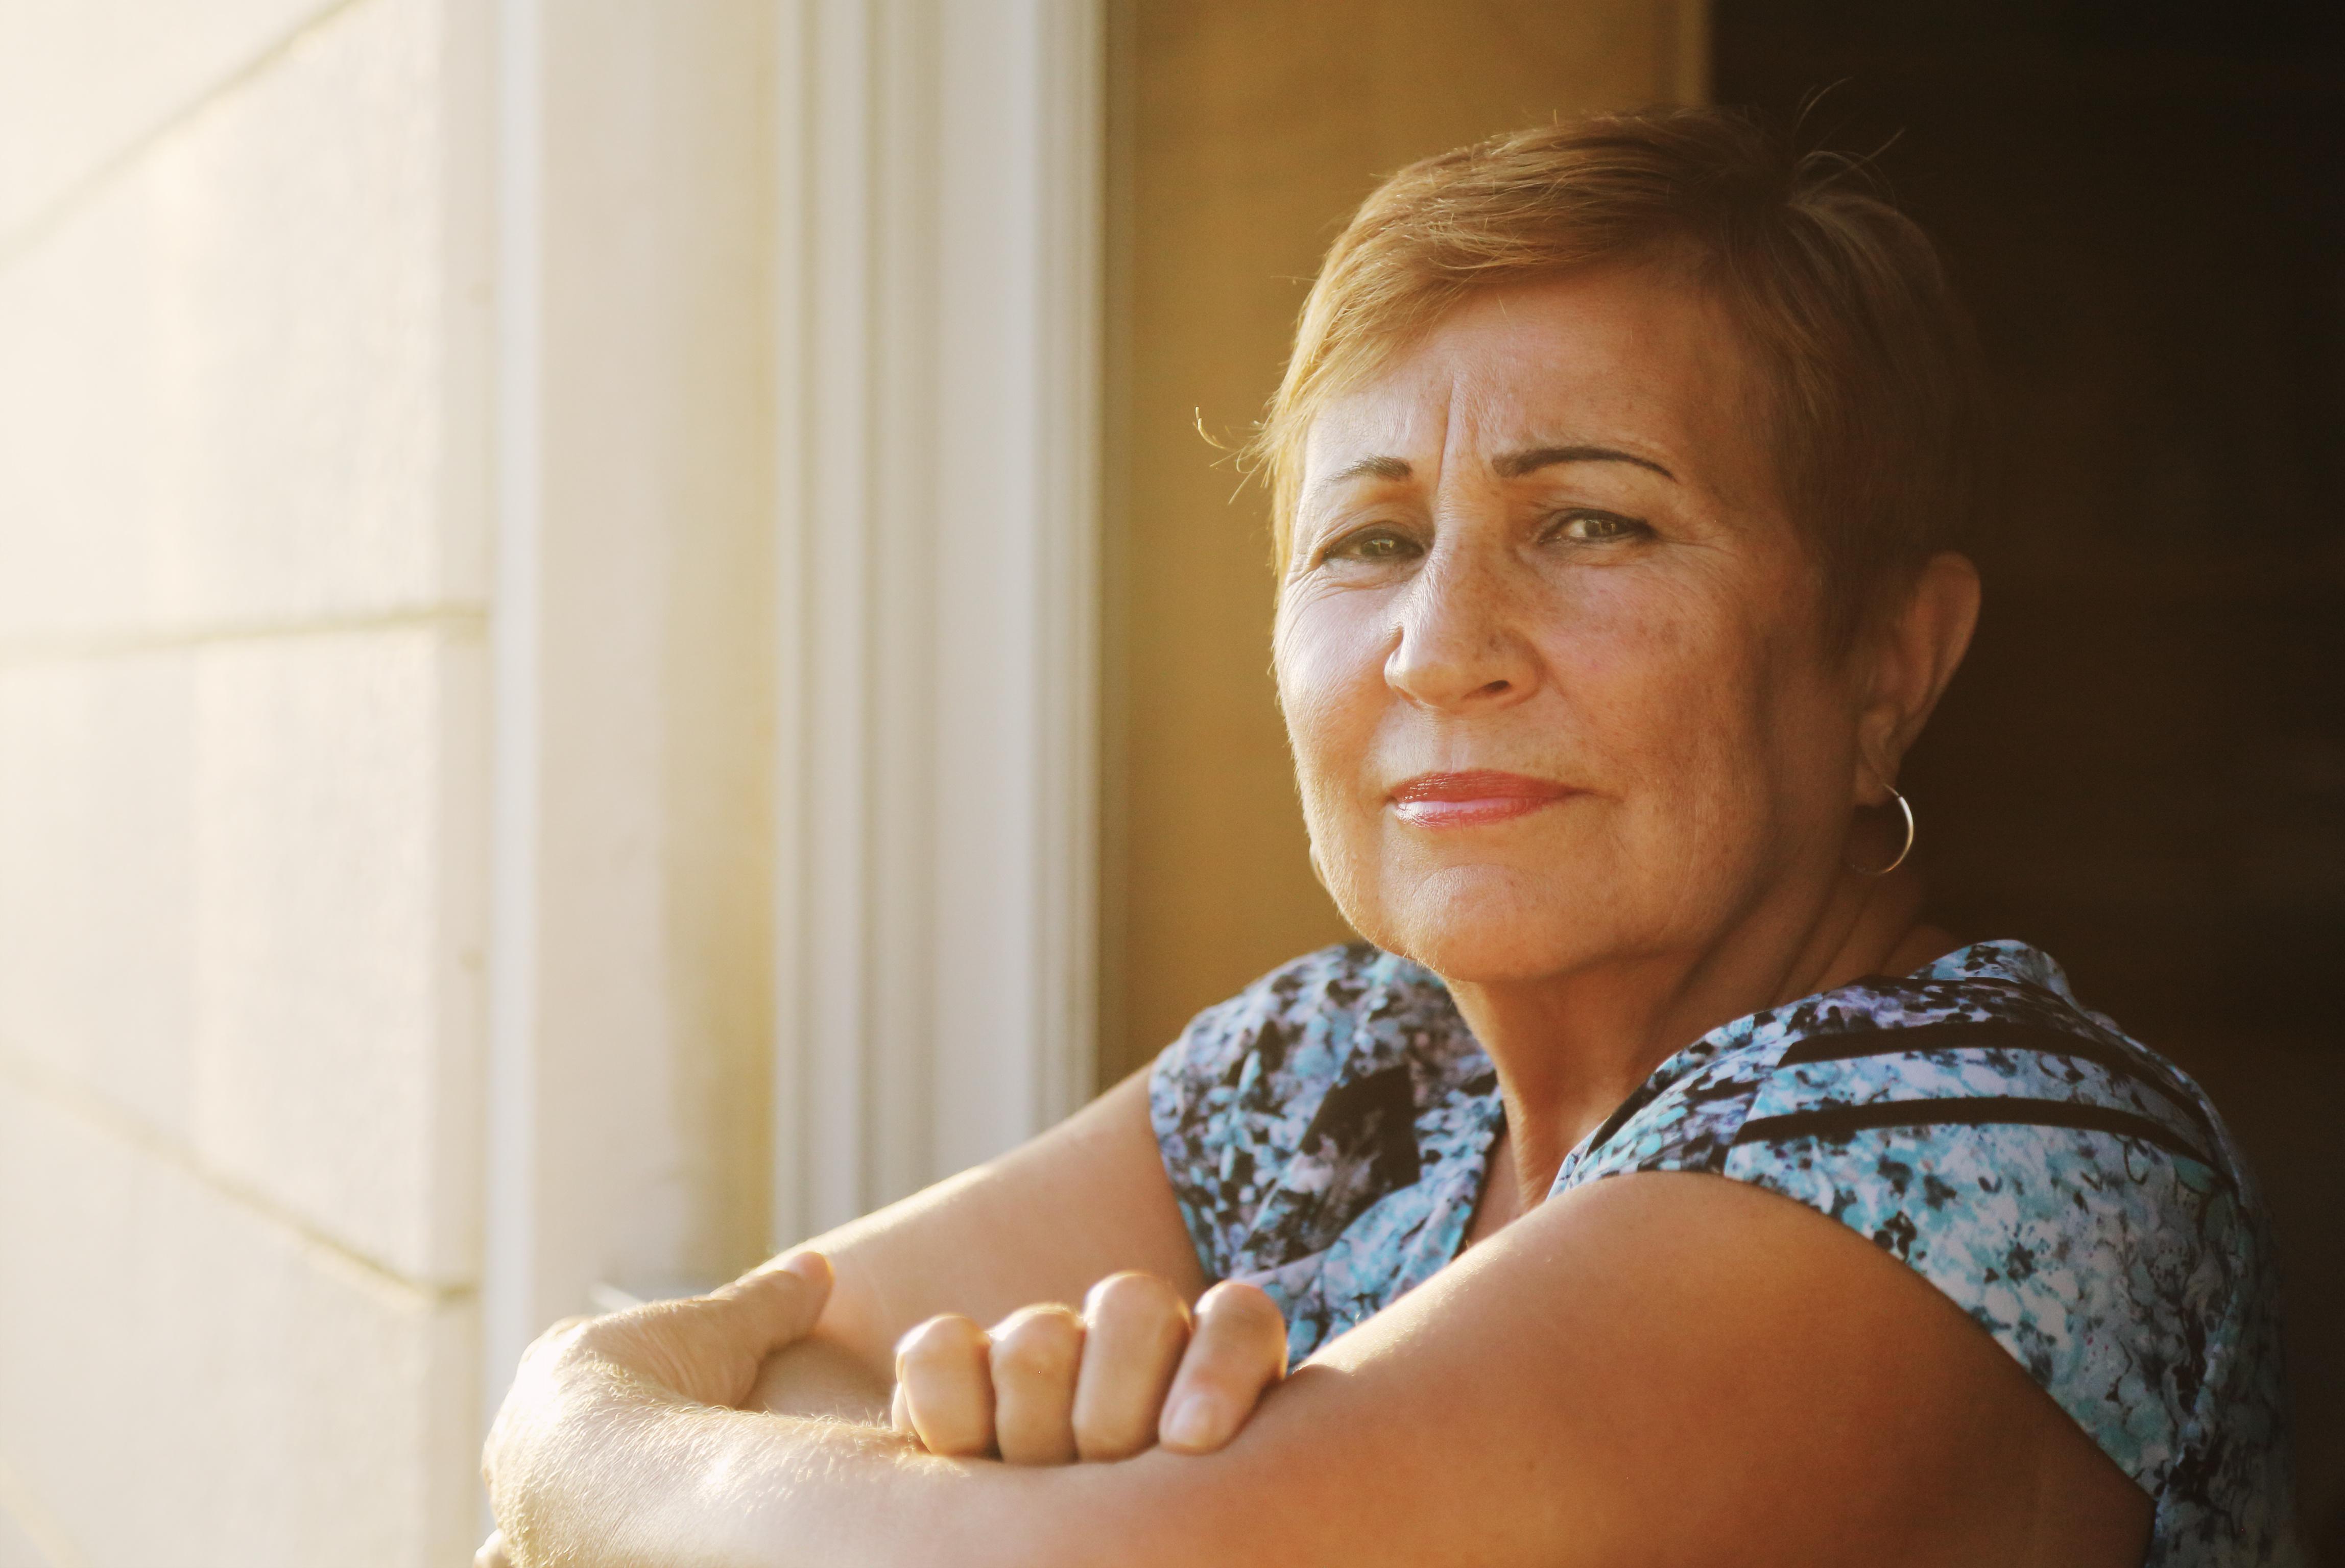 ¿Ha oído hablar de la hipoteca inversa? Si tiene vivienda en propiedad y más de 65 años, puede interesarle.